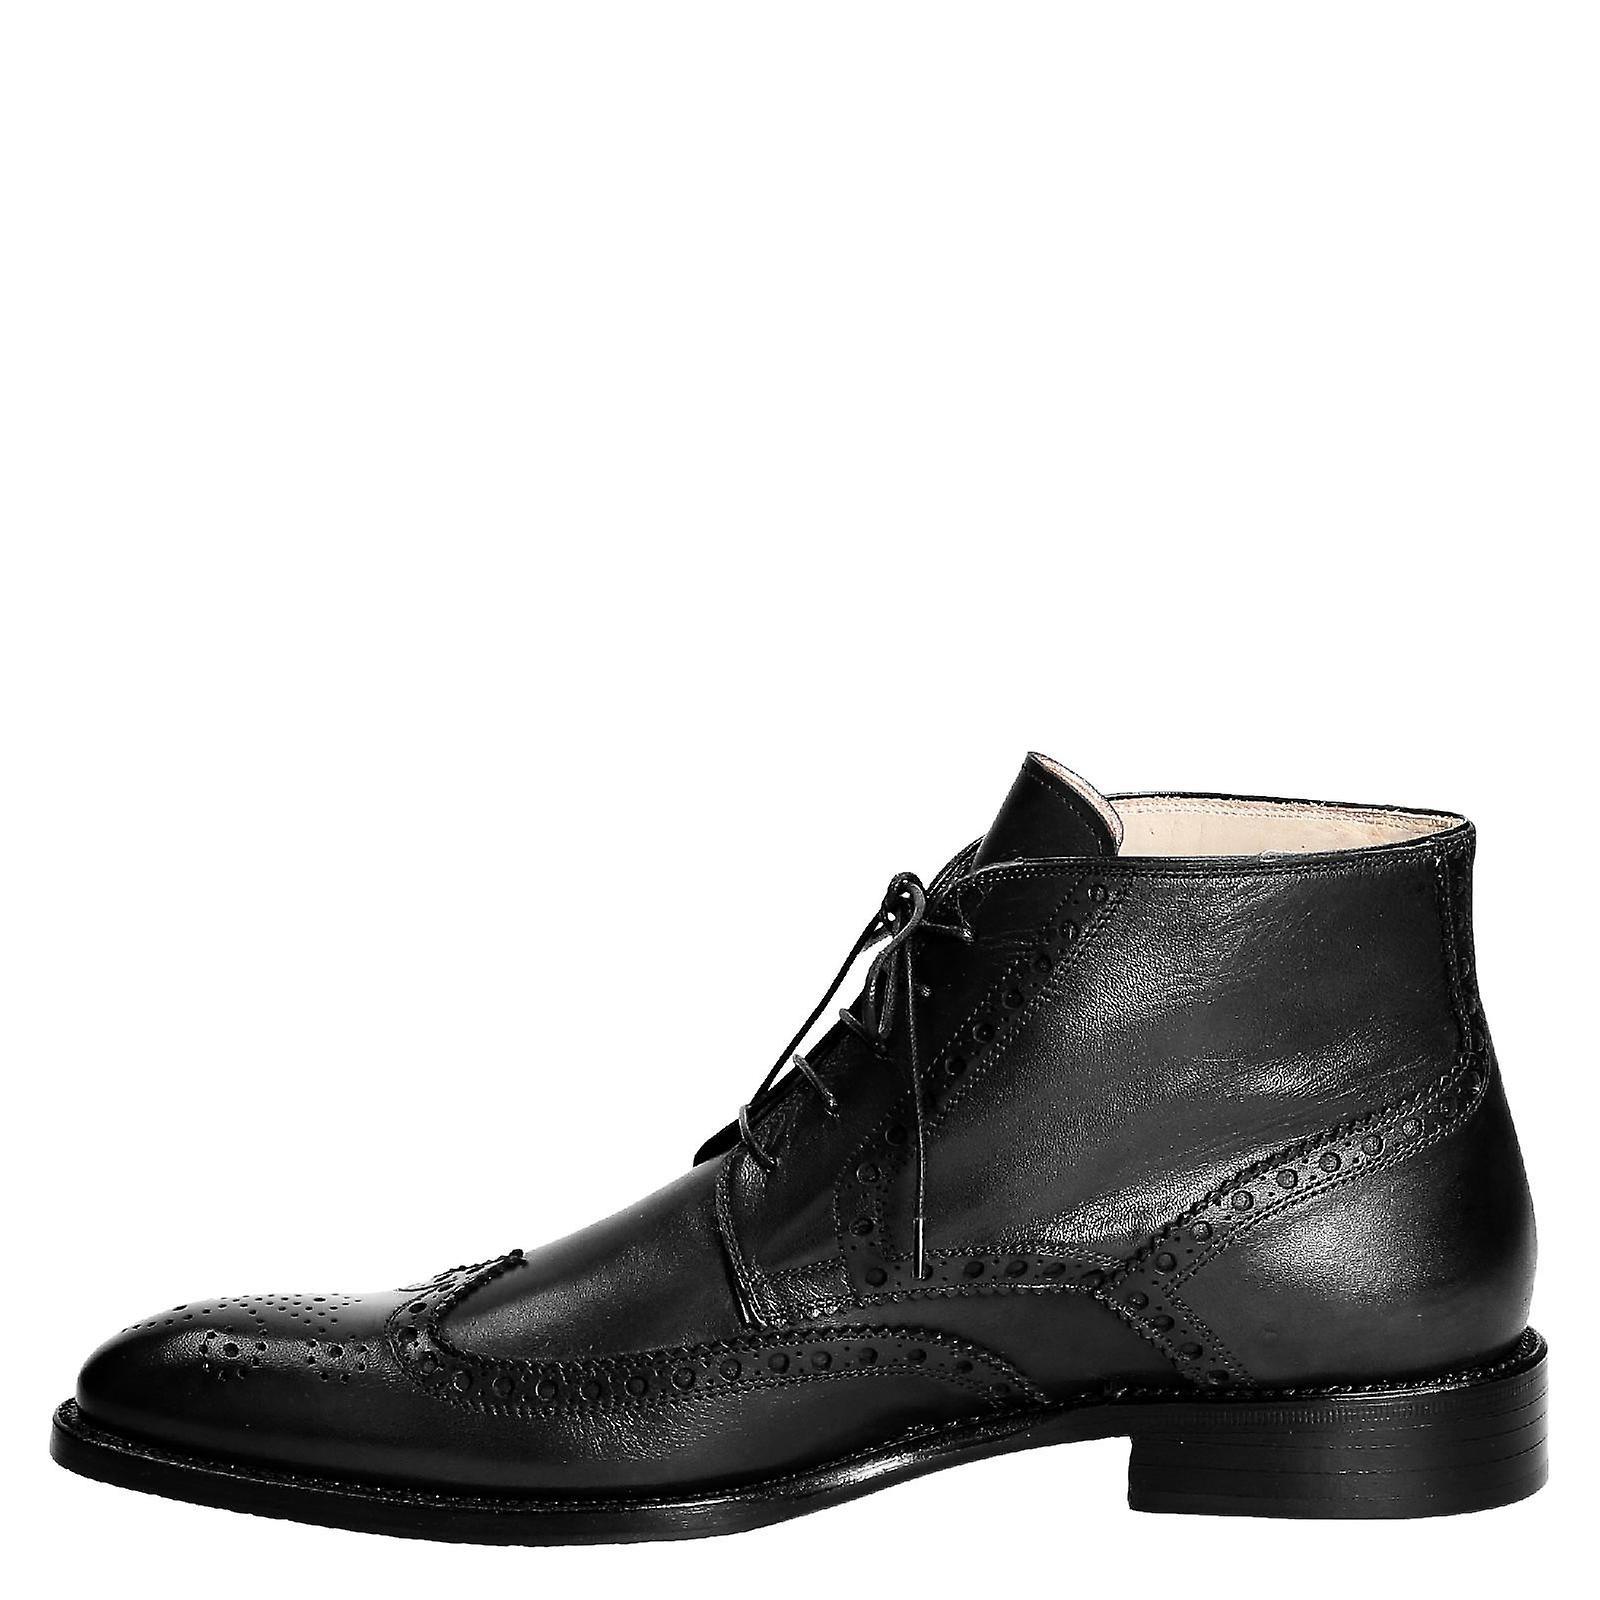 Chaussures Leonardo 107vitellonero Men-apos;s Bottes de cheville en cuir noir - Remise particulière